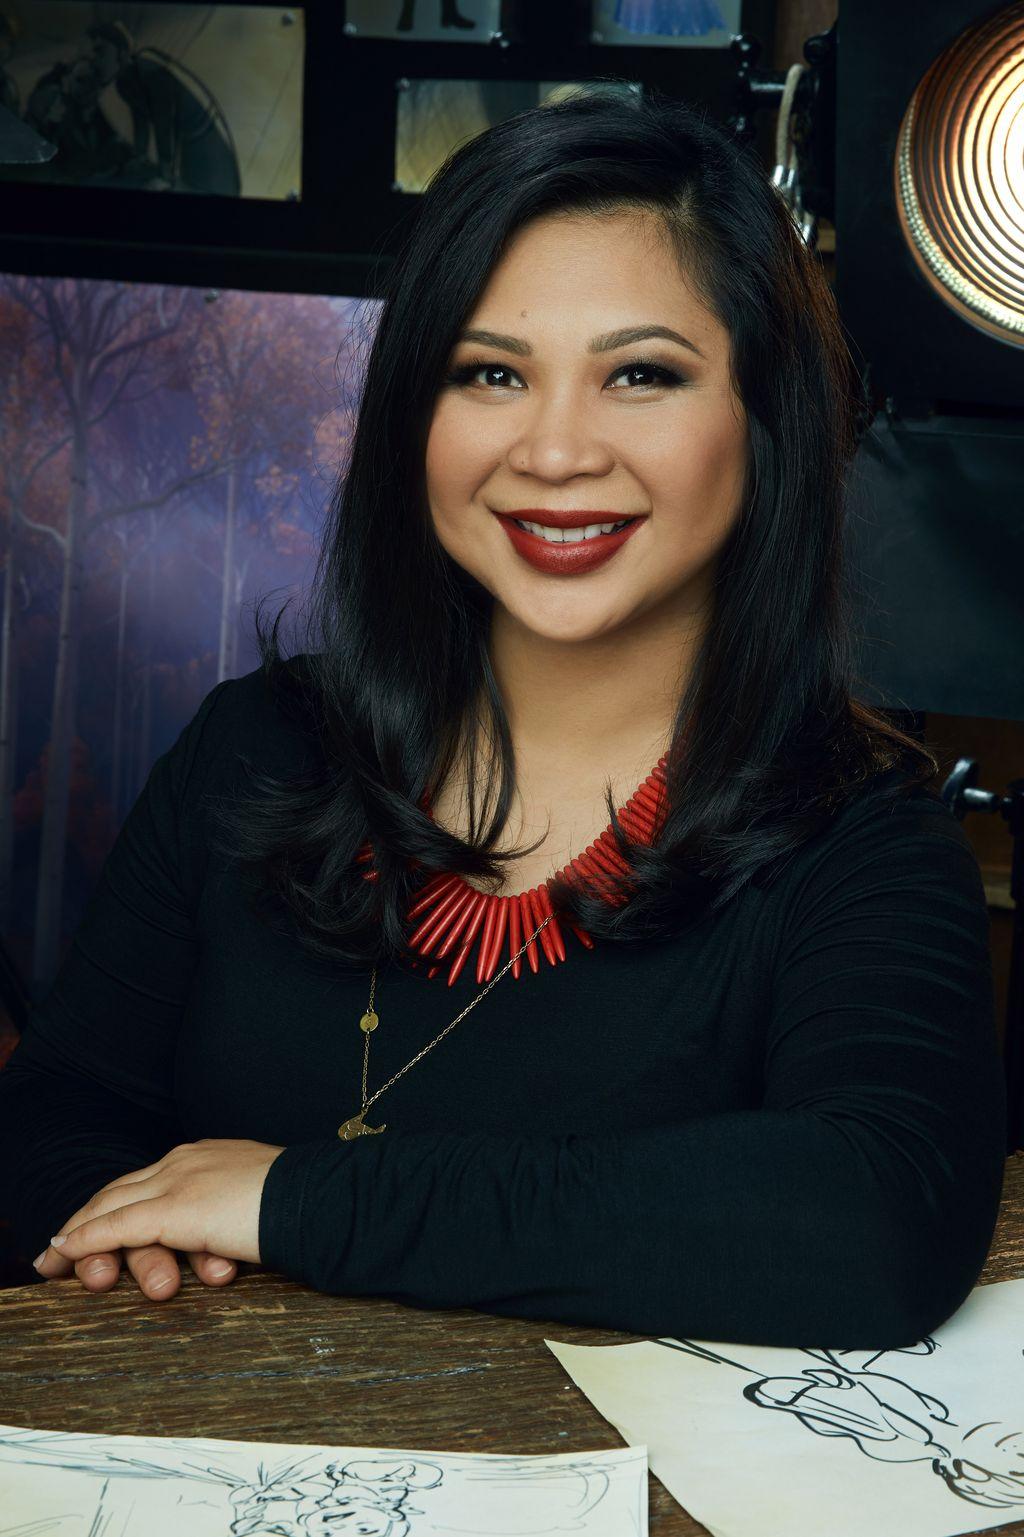 Griselda Sastrawinata jadi salah satu orang Indonesia di balik produksi Raya and the Last Dragon. © 2021 Disney. All Rights Reserved.